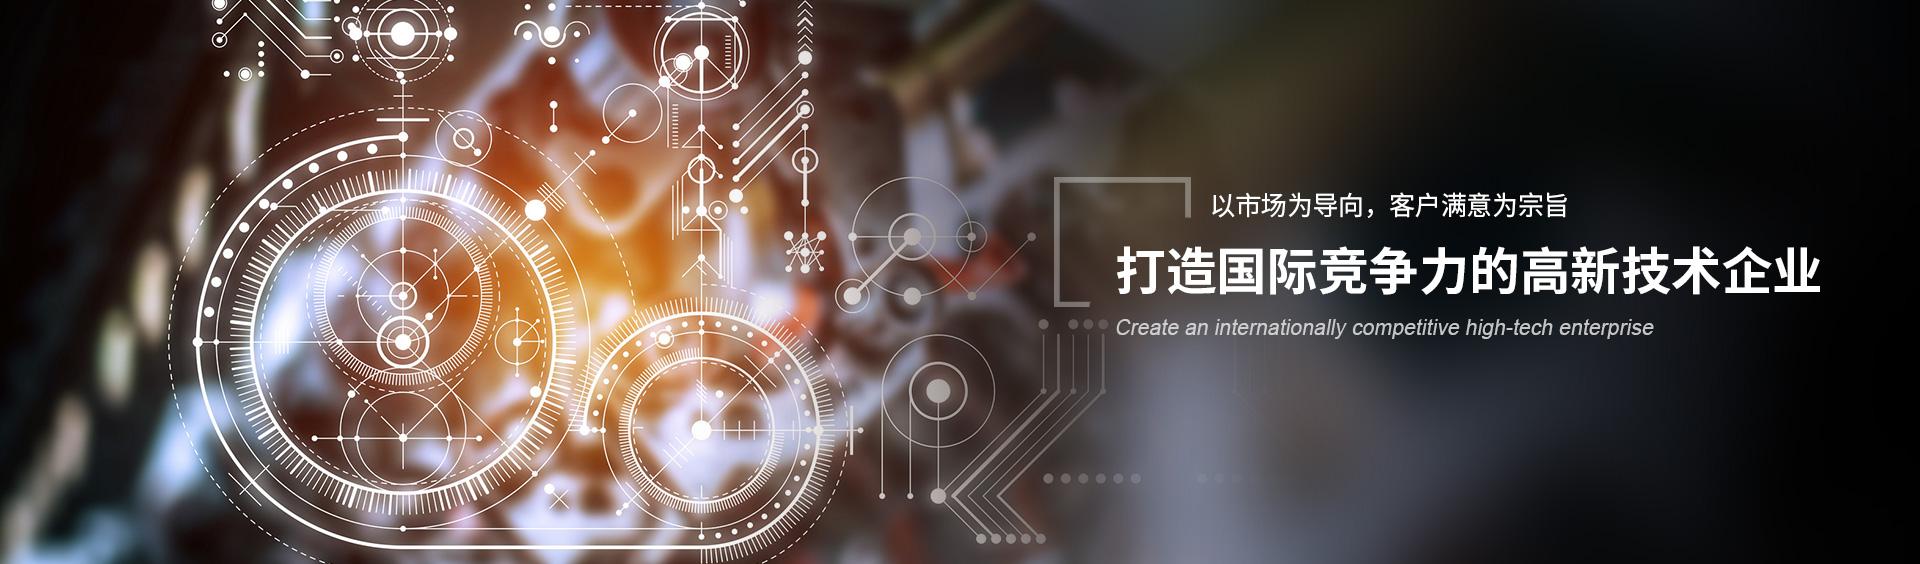 上海亚游自动化科技有限公司